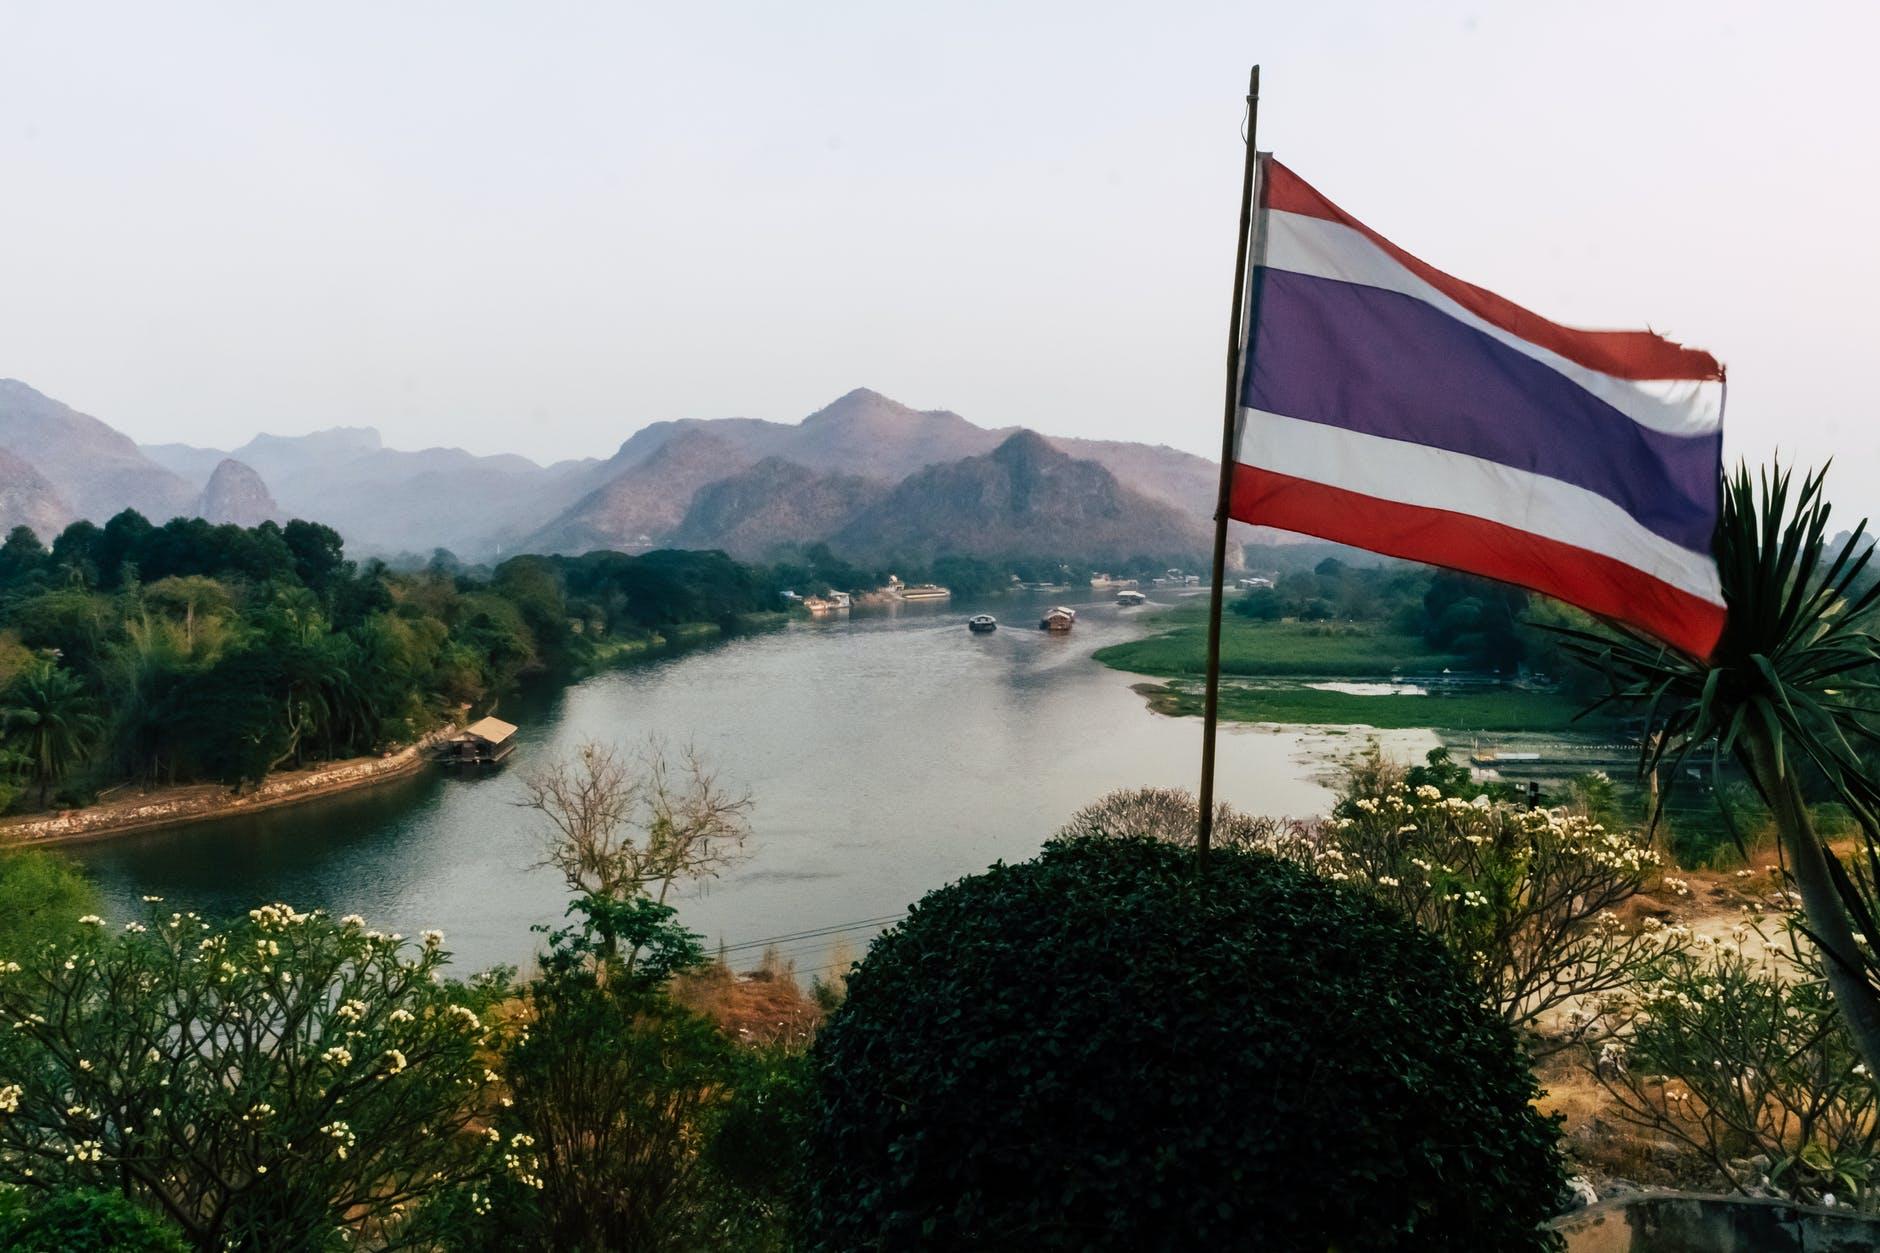 L'Autorité du tourisme de Thaïlande envisage de créer son propre jeton utilitaire TAT Coin